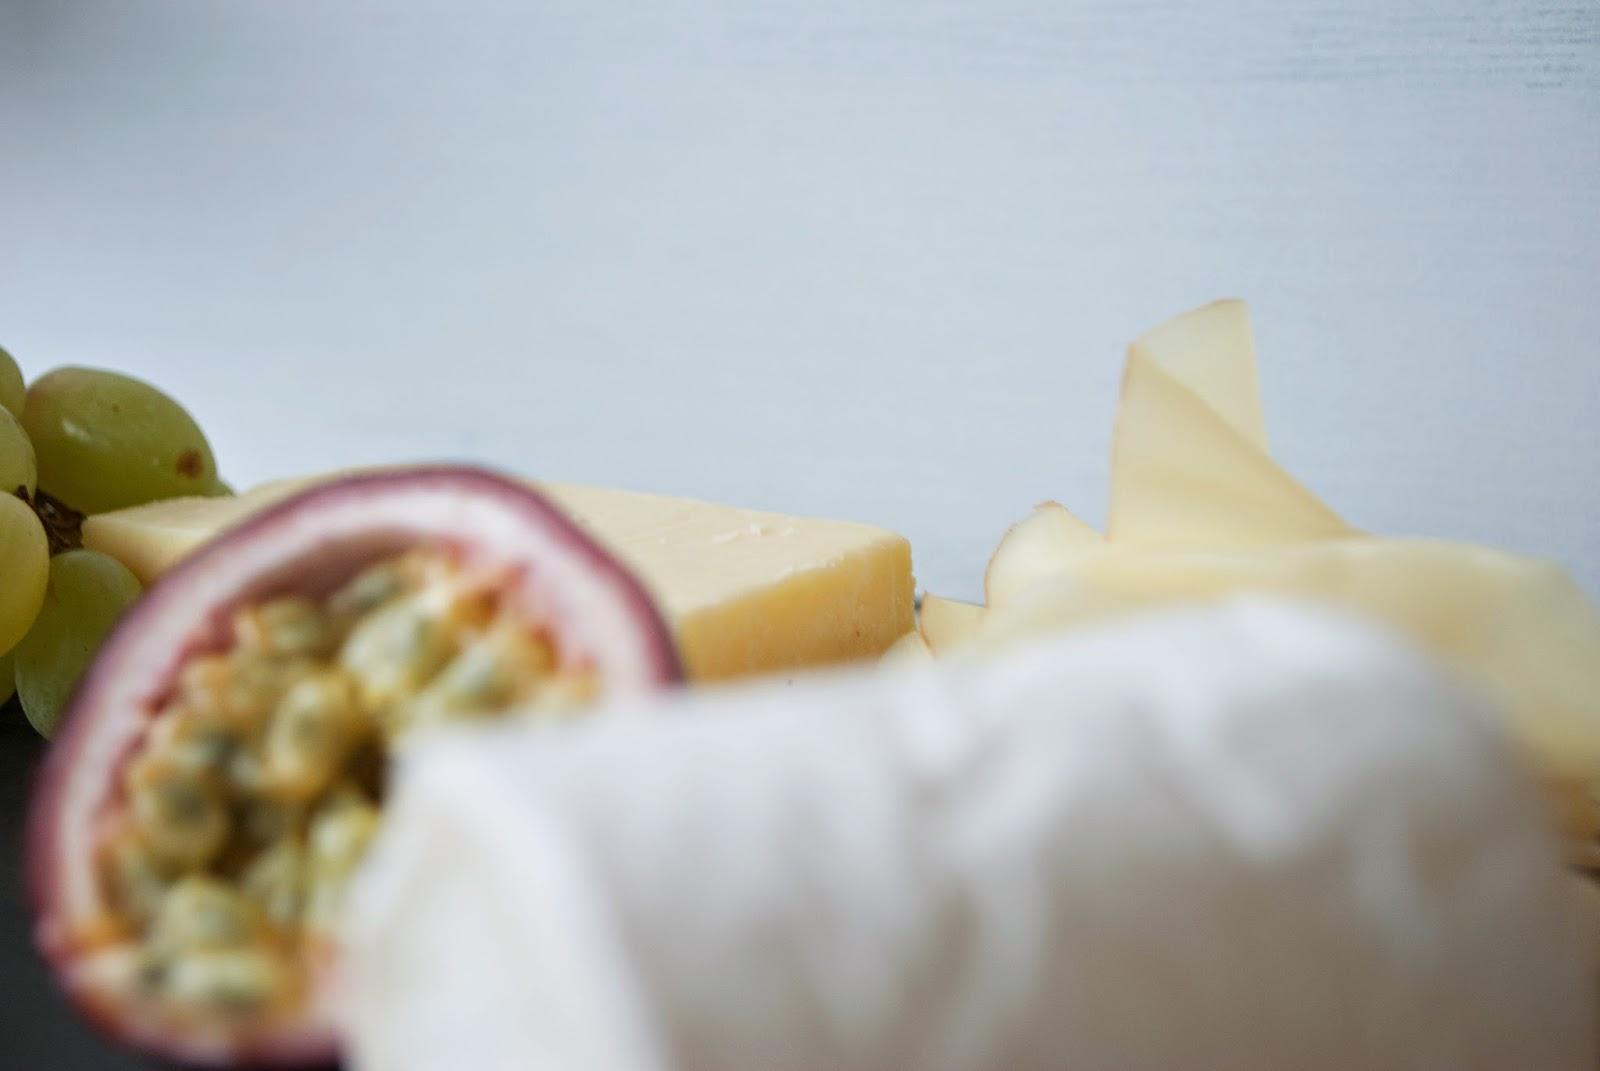 Dinner: Cheese and Wine Käse Wein Cabernet Sauvignon Cracker Trauben Passionsfrucht Gorgonzola Cheddar Ziegenkäse Ziegenkäserolle Edammer leicht lecker Dinner Freunde Abendessen Feiertag the good life entspannt Hupsis Serendipity Lifestyle Leben Lebensart gemütlich Wochenende Feiertag